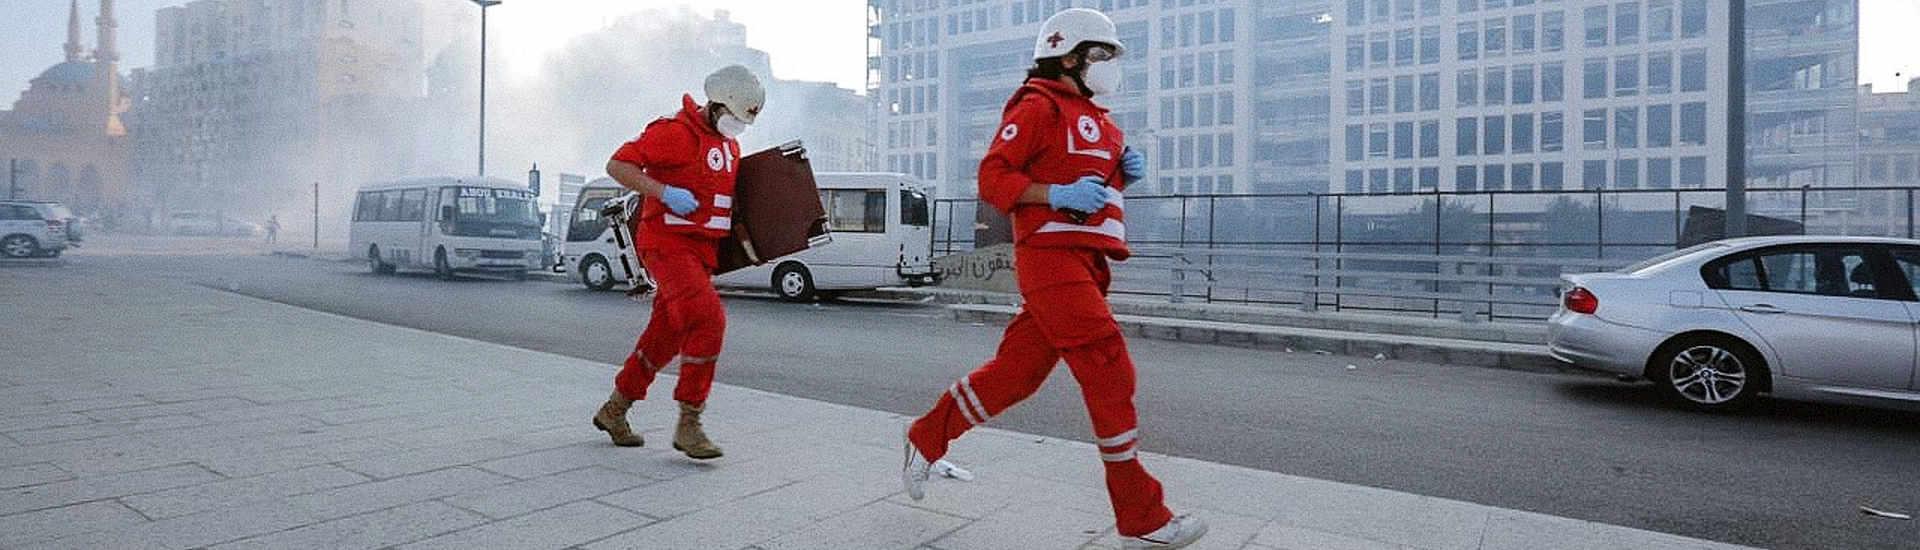 Mitarbeitende des Libanesischen Roten Kreuzes. Copyright: Libanesisches Rotes Kreuz